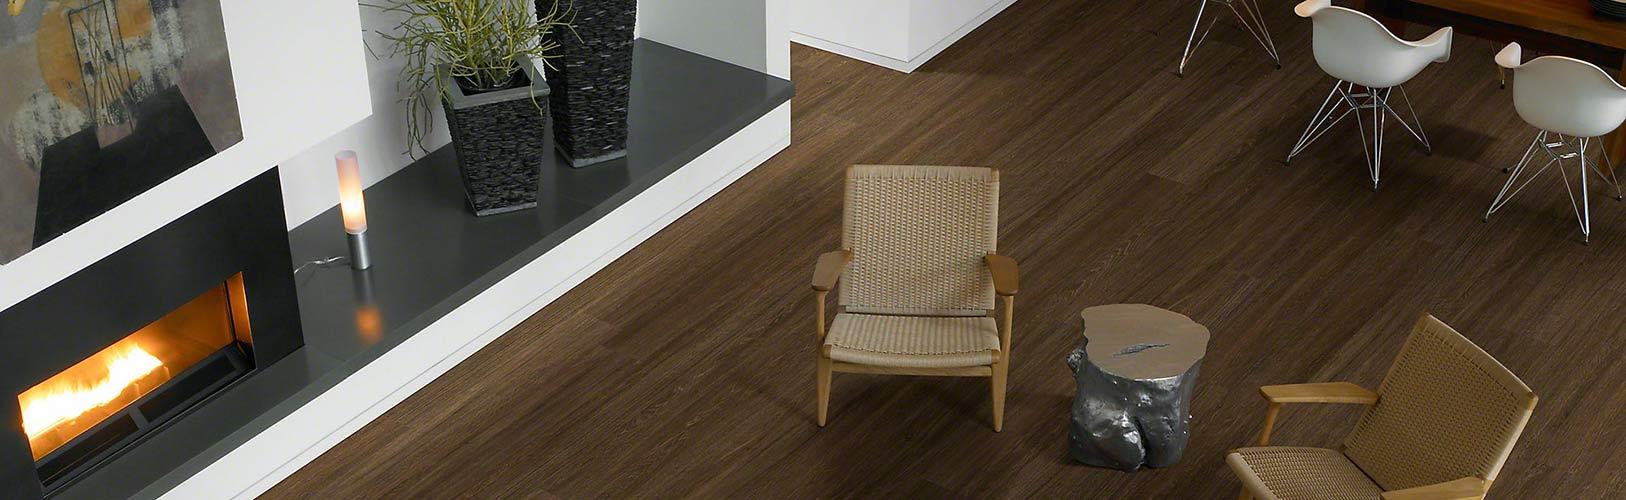 0543v-00733-roomfloorte-style-name-altoplank-color-name-terzagrande-0543v-00733-room-1626×500